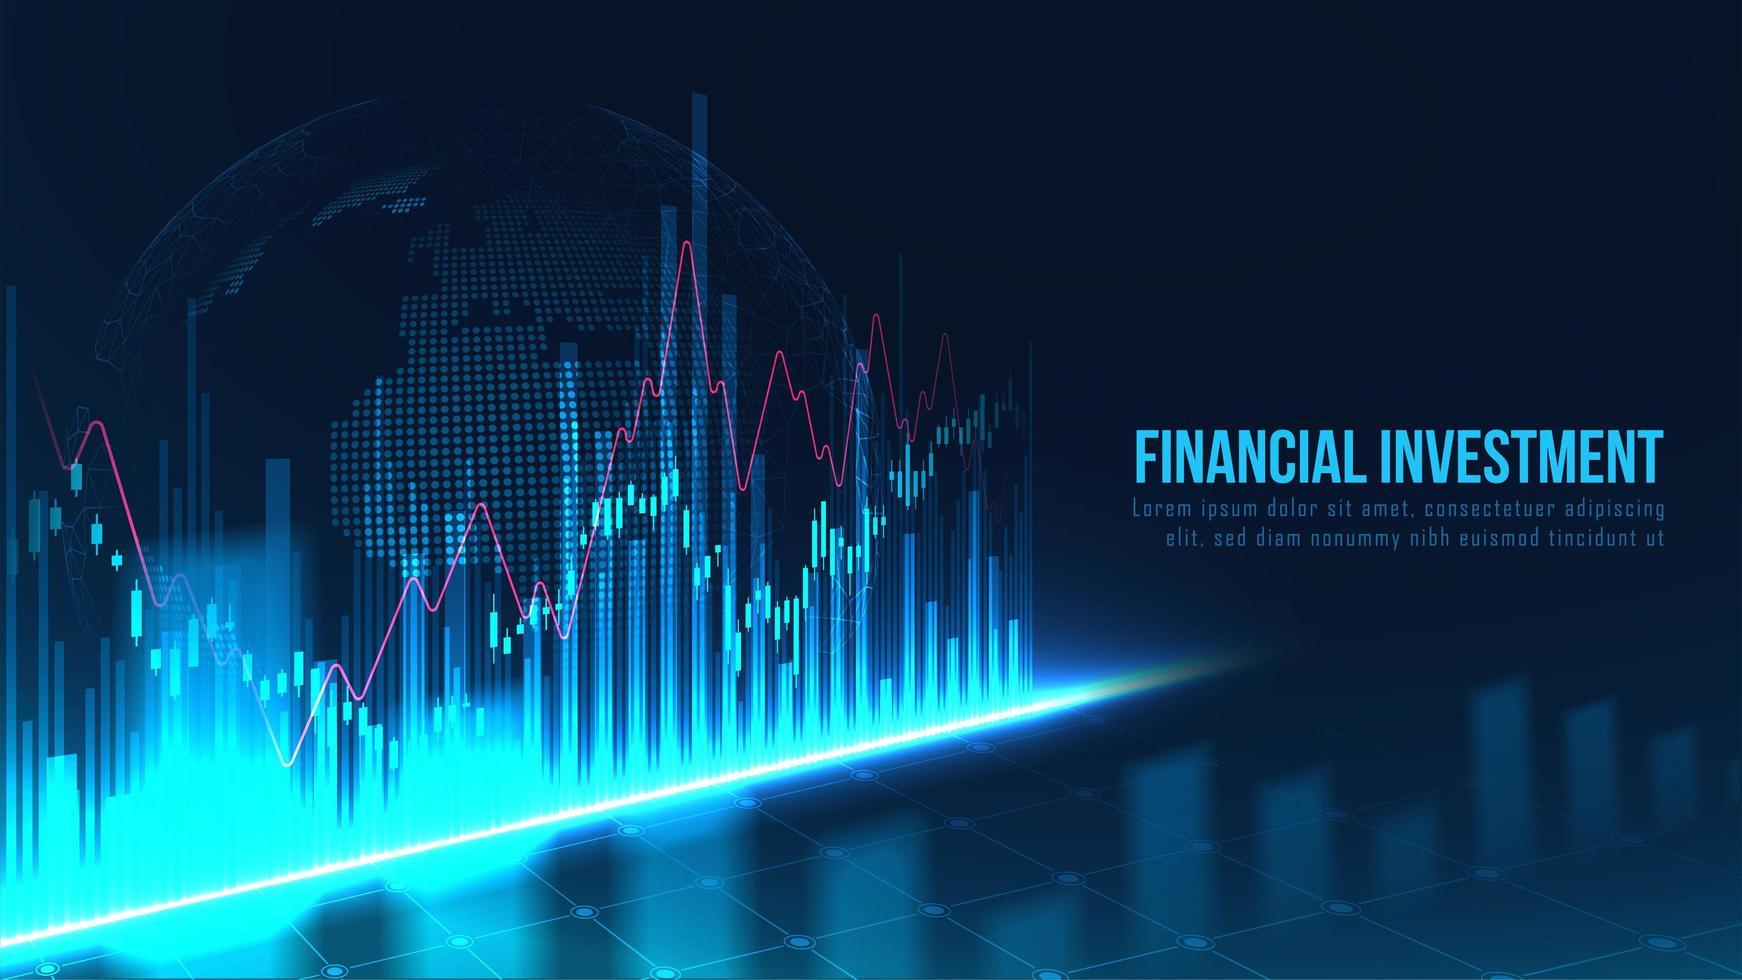 globala grafiska koncept för finansiella investeringar vektor